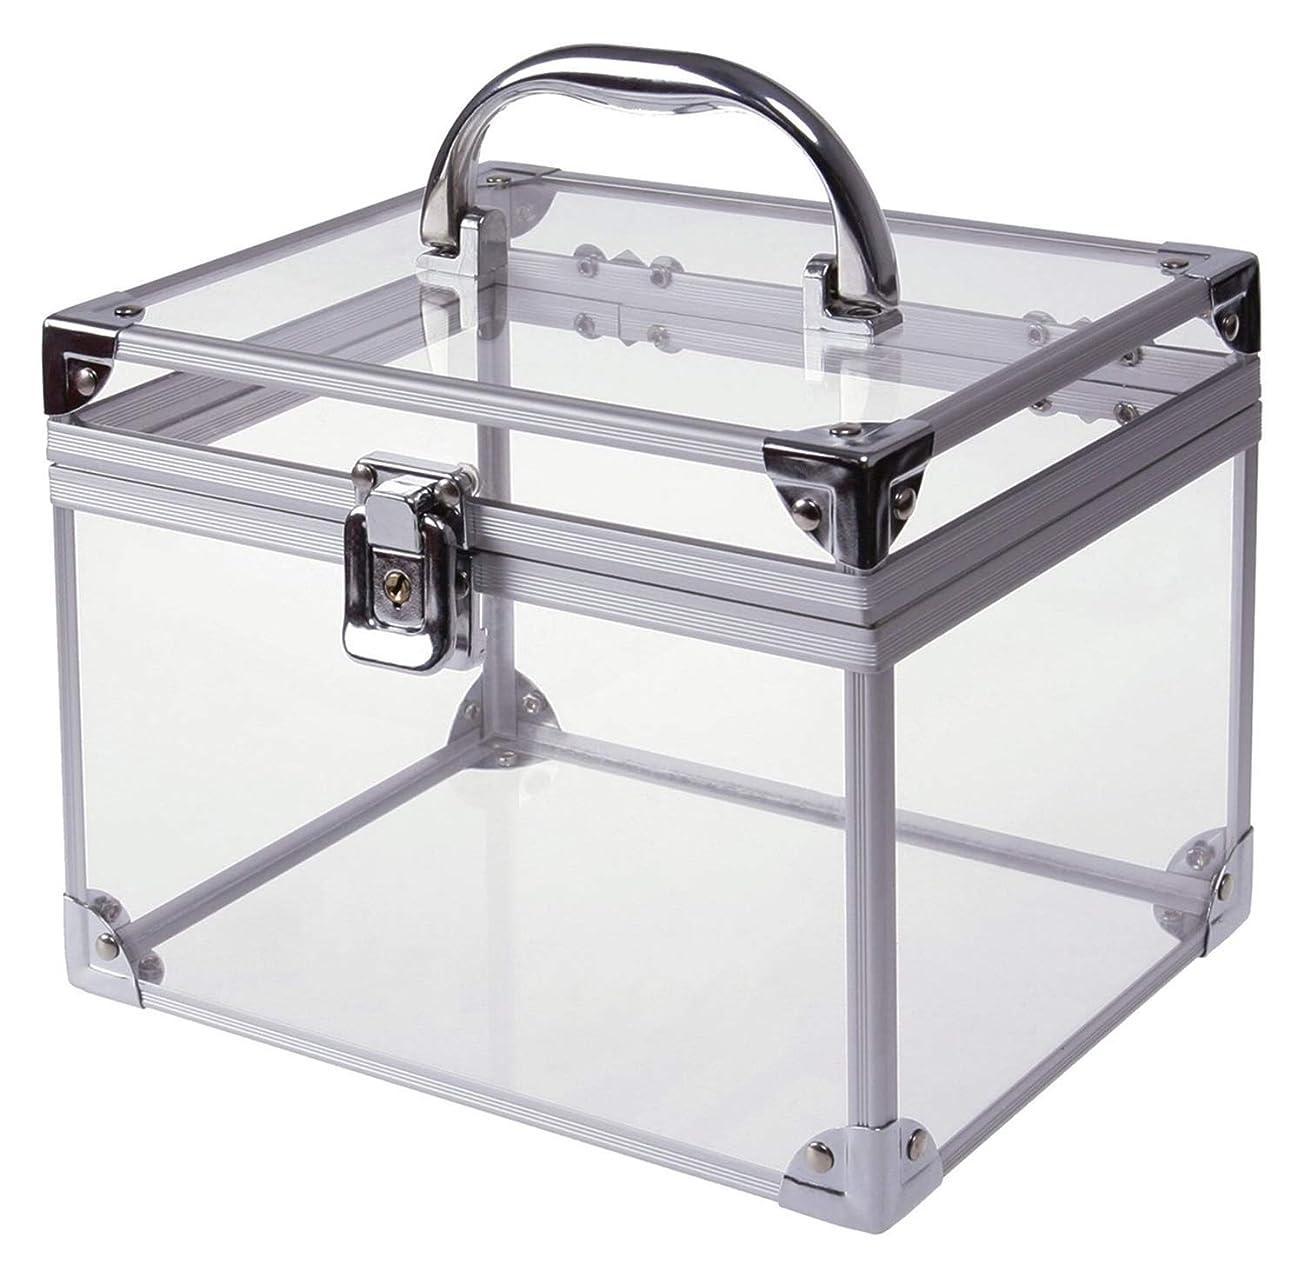 委員会であること火曜日[moonfarm] アクリル製 透明 工具箱 小型 ツール ケース パーツ ボックス 作業 道具 用具 入れ メイクボックス クリア スケルトン モデル (段なしタイプ)